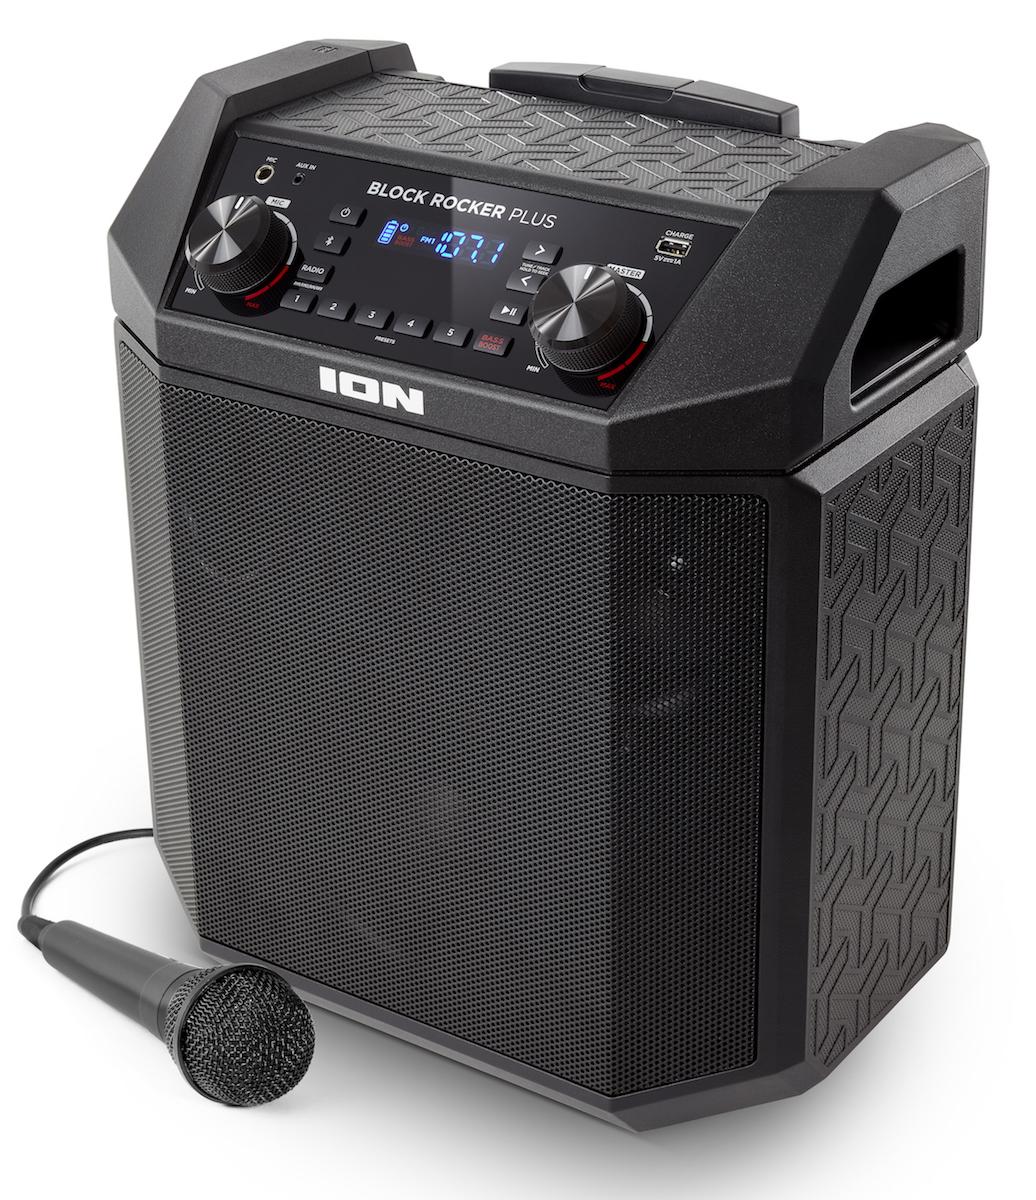 【公式 / 送料無料】ION Audio Bluetooth対応 ポータブルPAスピーカー 低音 ブースト 機能搭載 50時間バッテリー 100W マイク 付き Block Rocker Plus